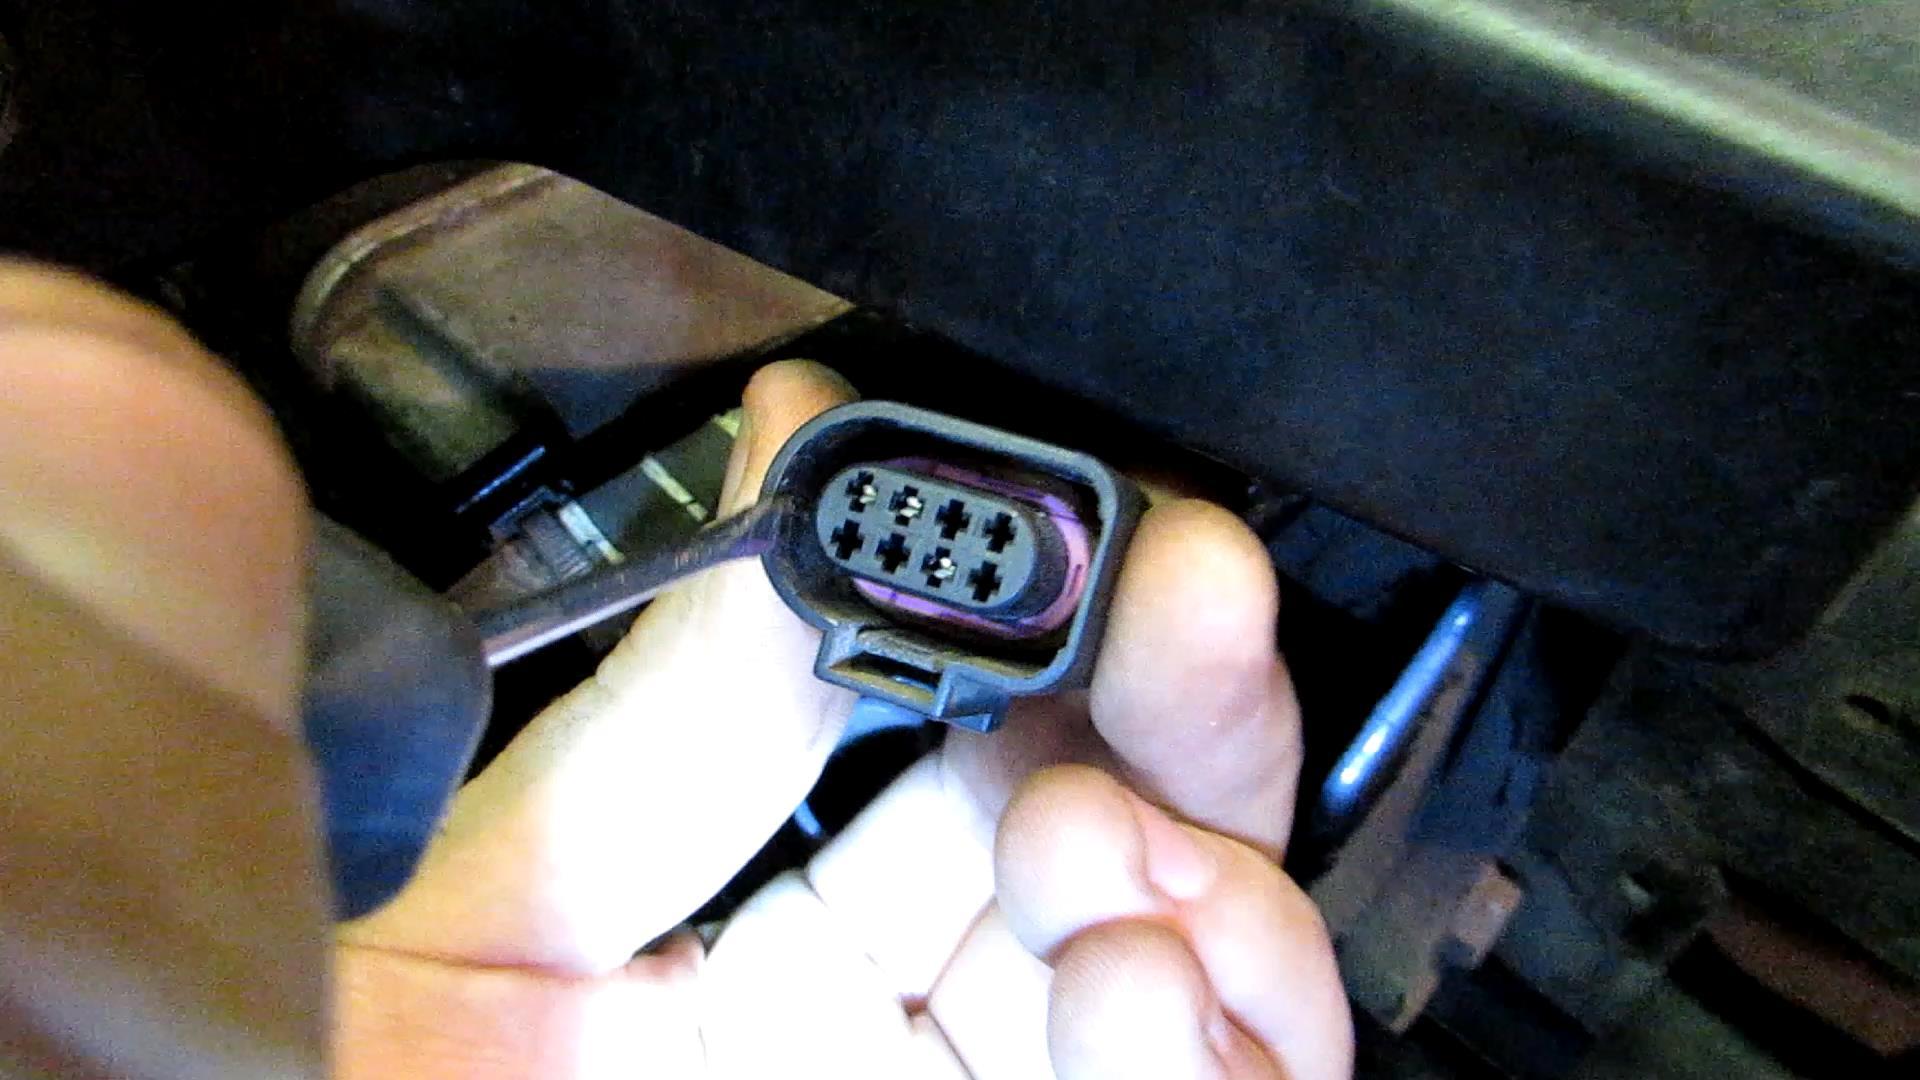 ОТЧЕТ ПО ДООСНАЩЕНИЮ VW PASSAT B6 GSM-МОДУЛЕМ ALTOX WBUS-4 5